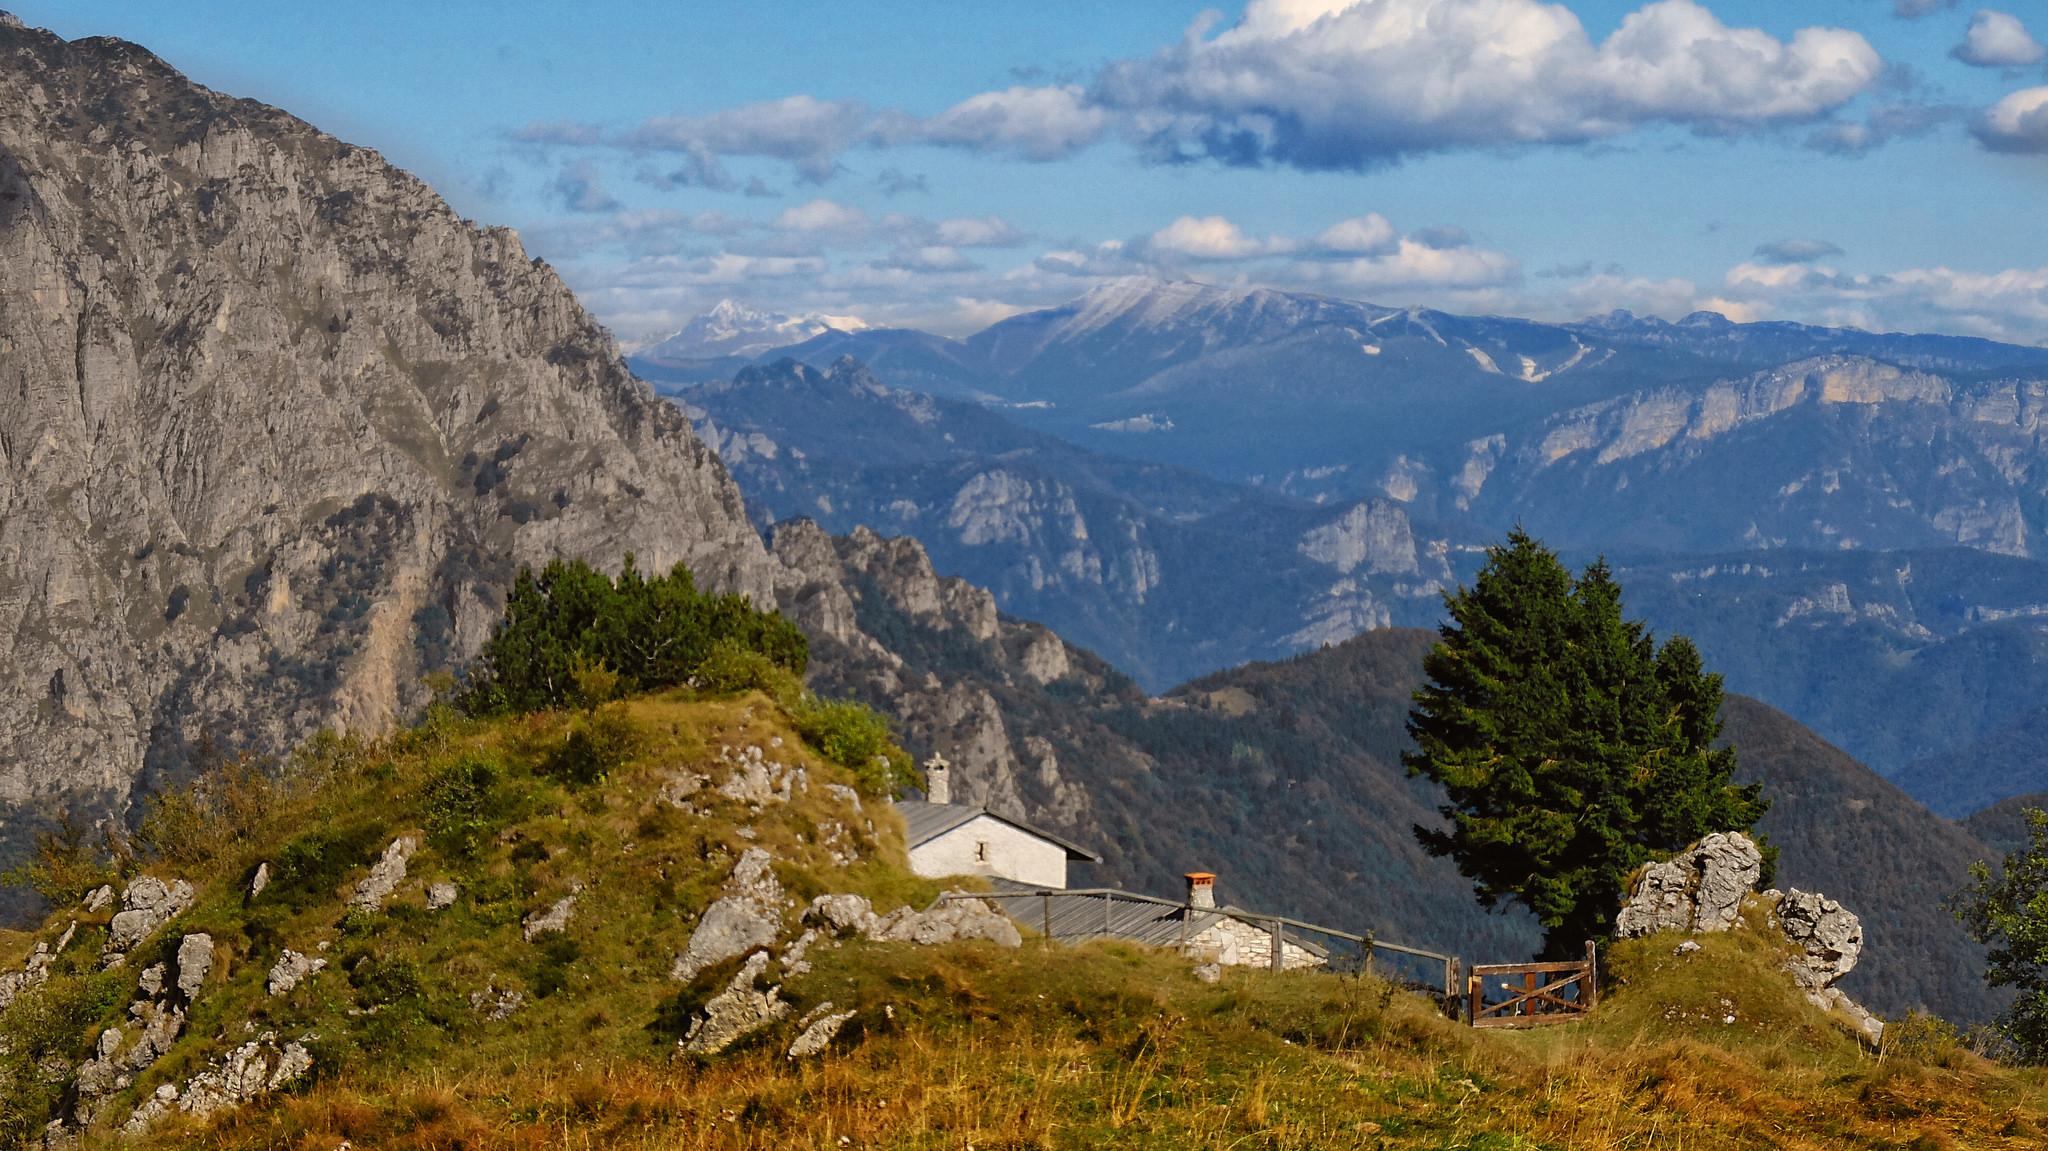 Recoaro Terme natura e benessere nelle Piccole Dolomiti